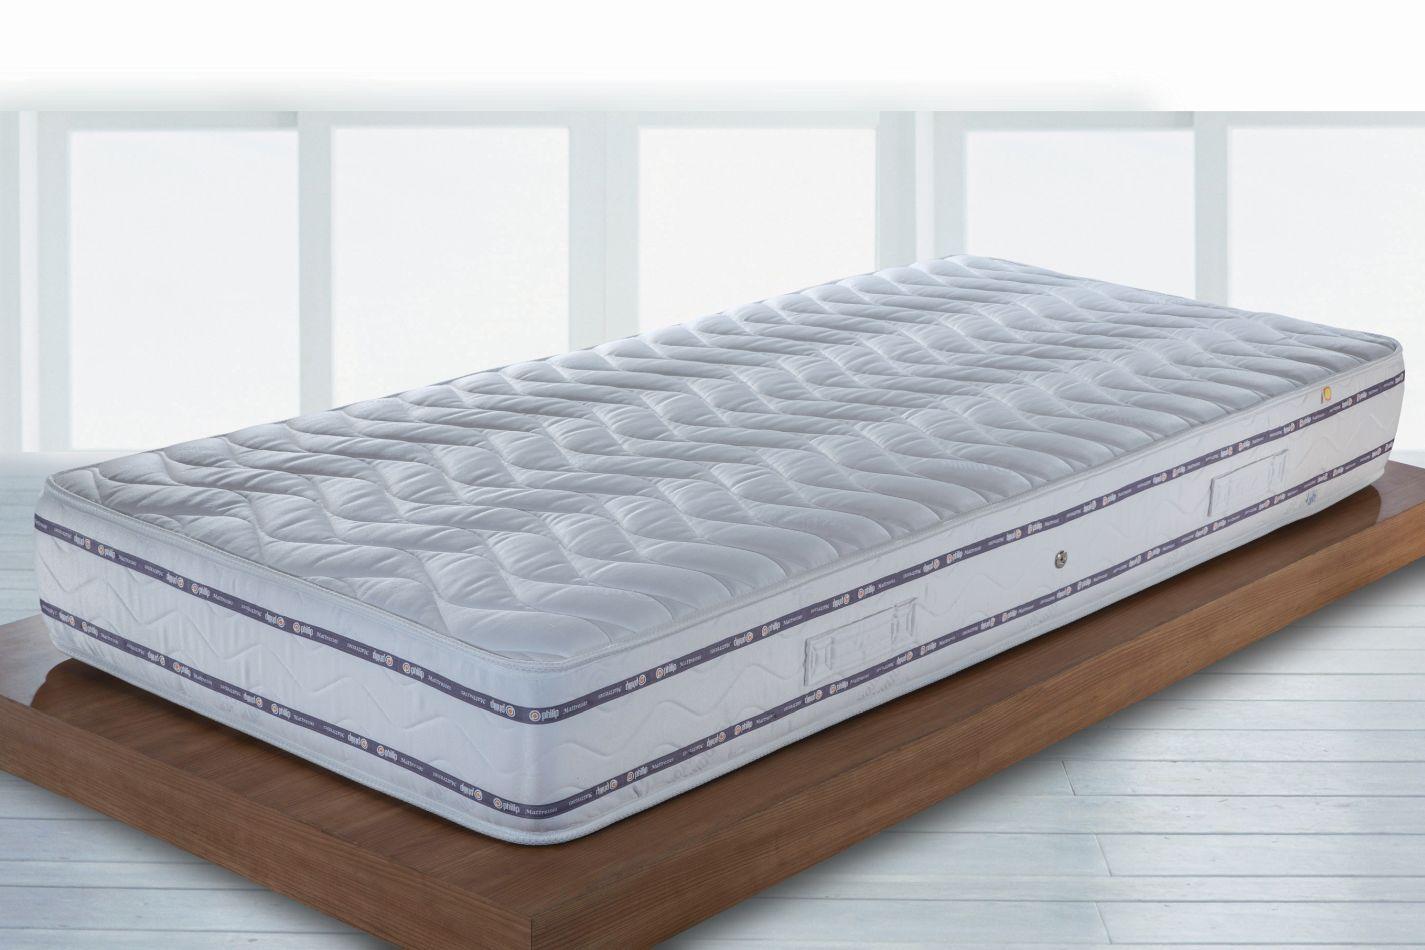 Matratze Elegance Relax mit Bonell Federkern - Abmessungen: 140 x 190 cm